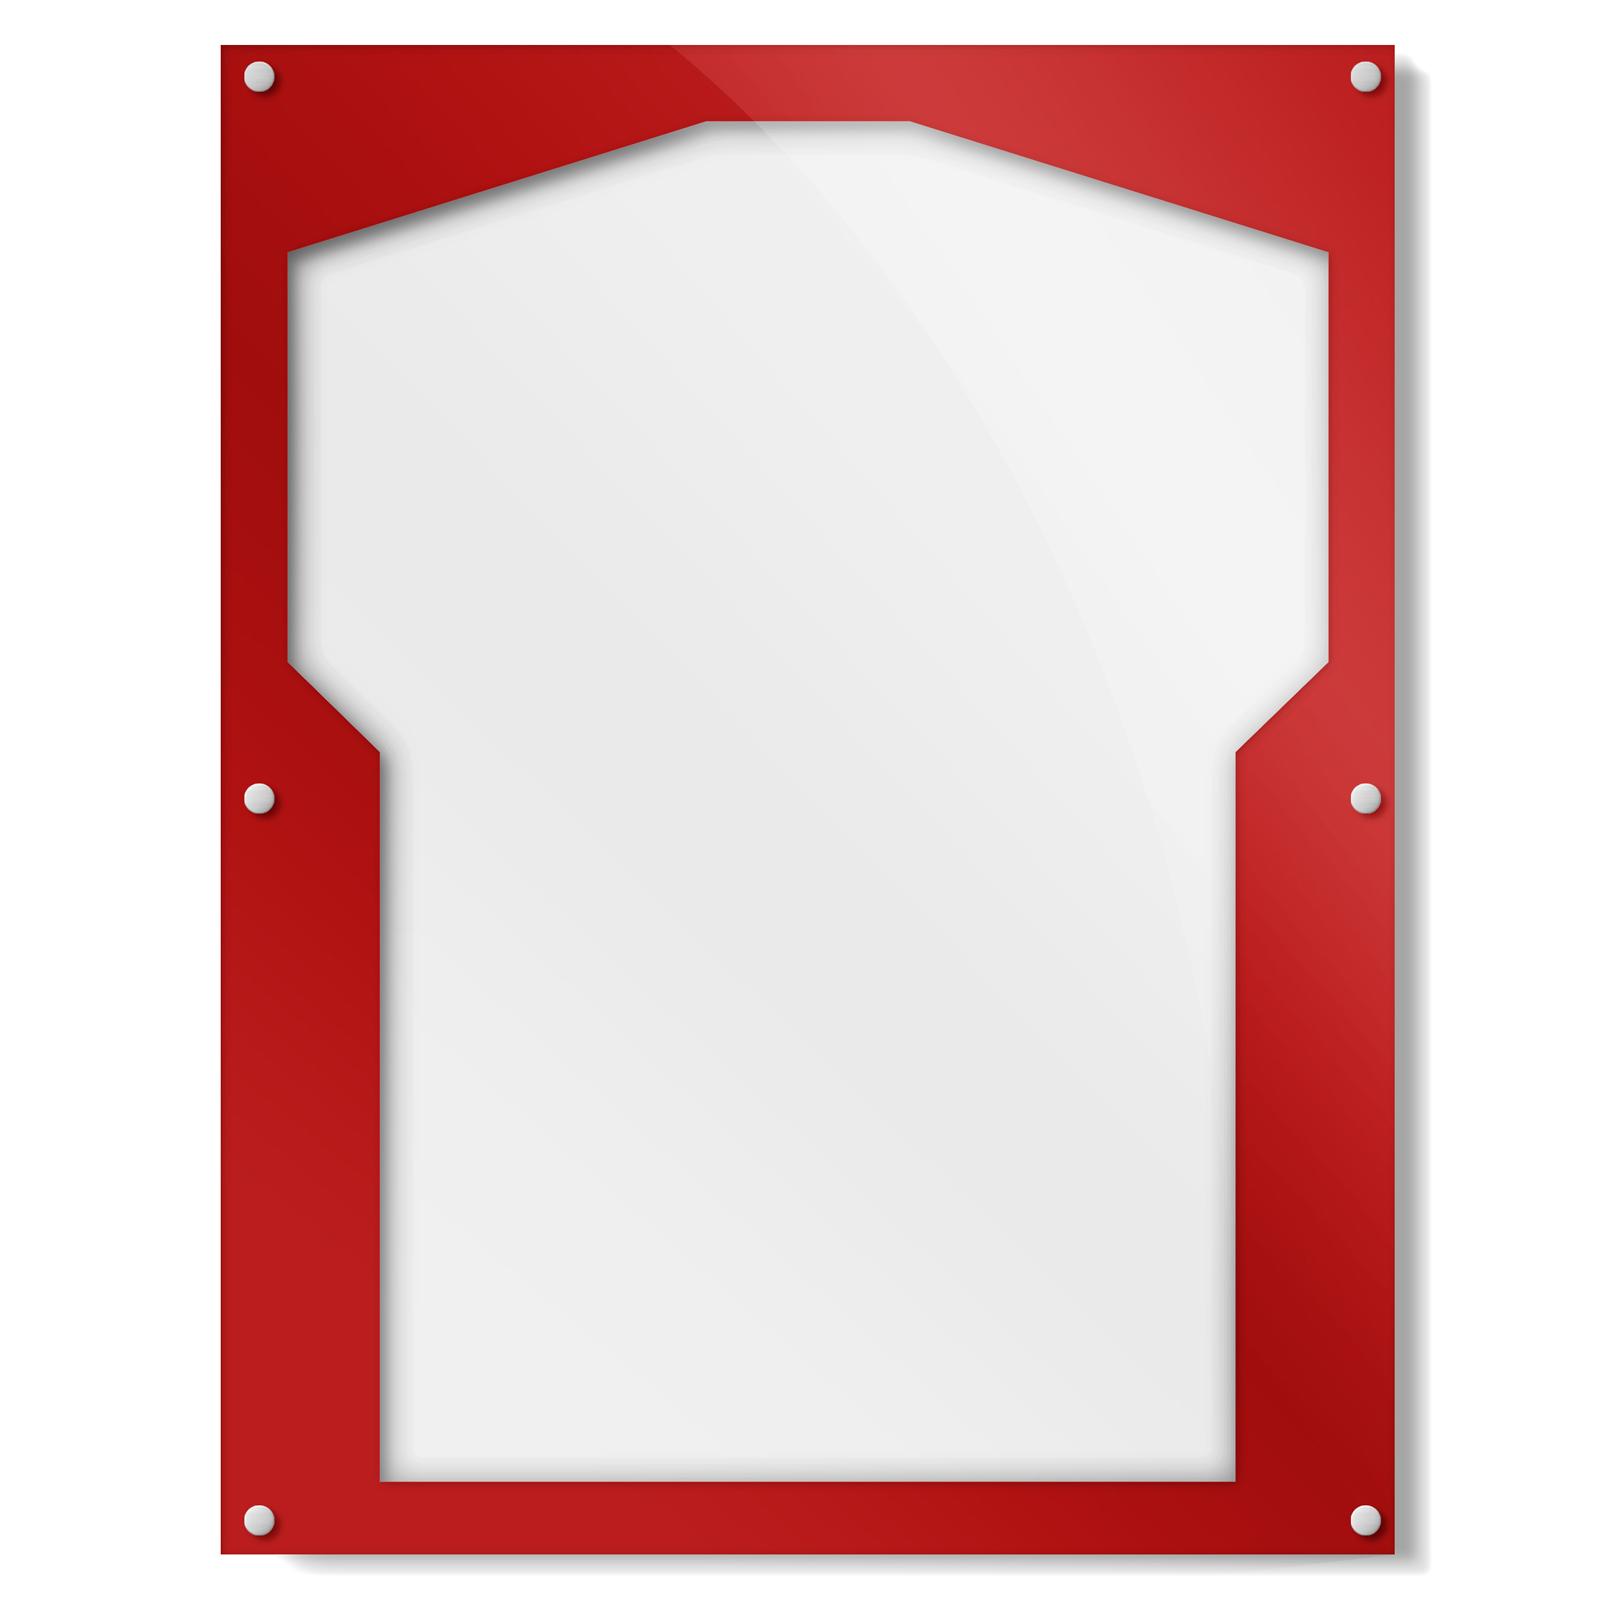 Red Border Shirt Frame